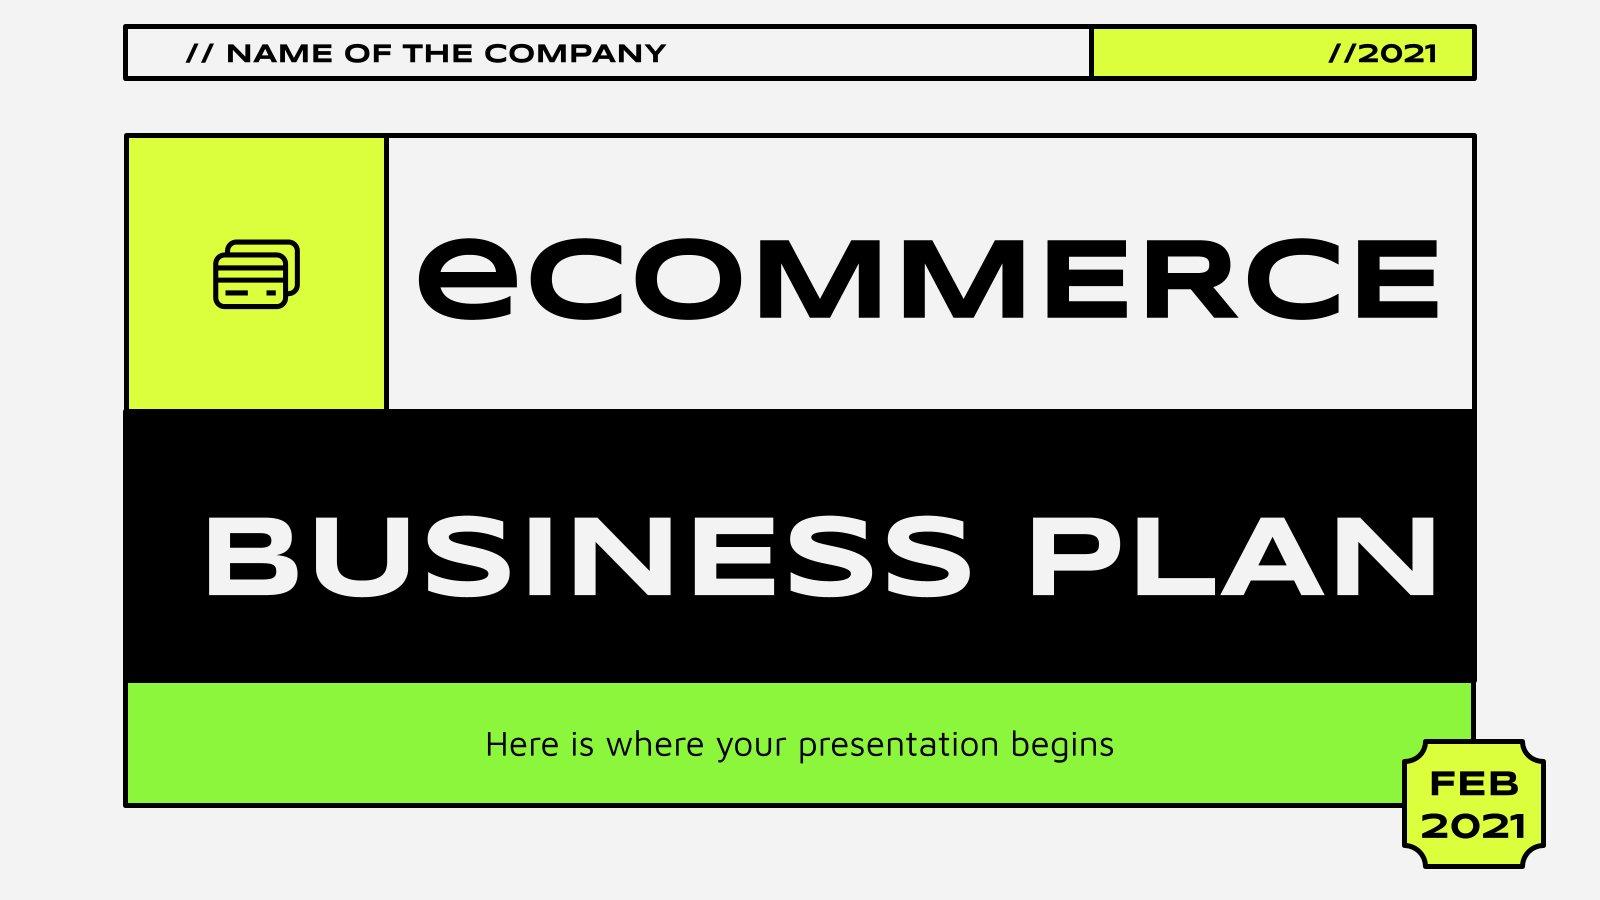 Plan d'affaires pour le commerce électronique : Modèles de présentation